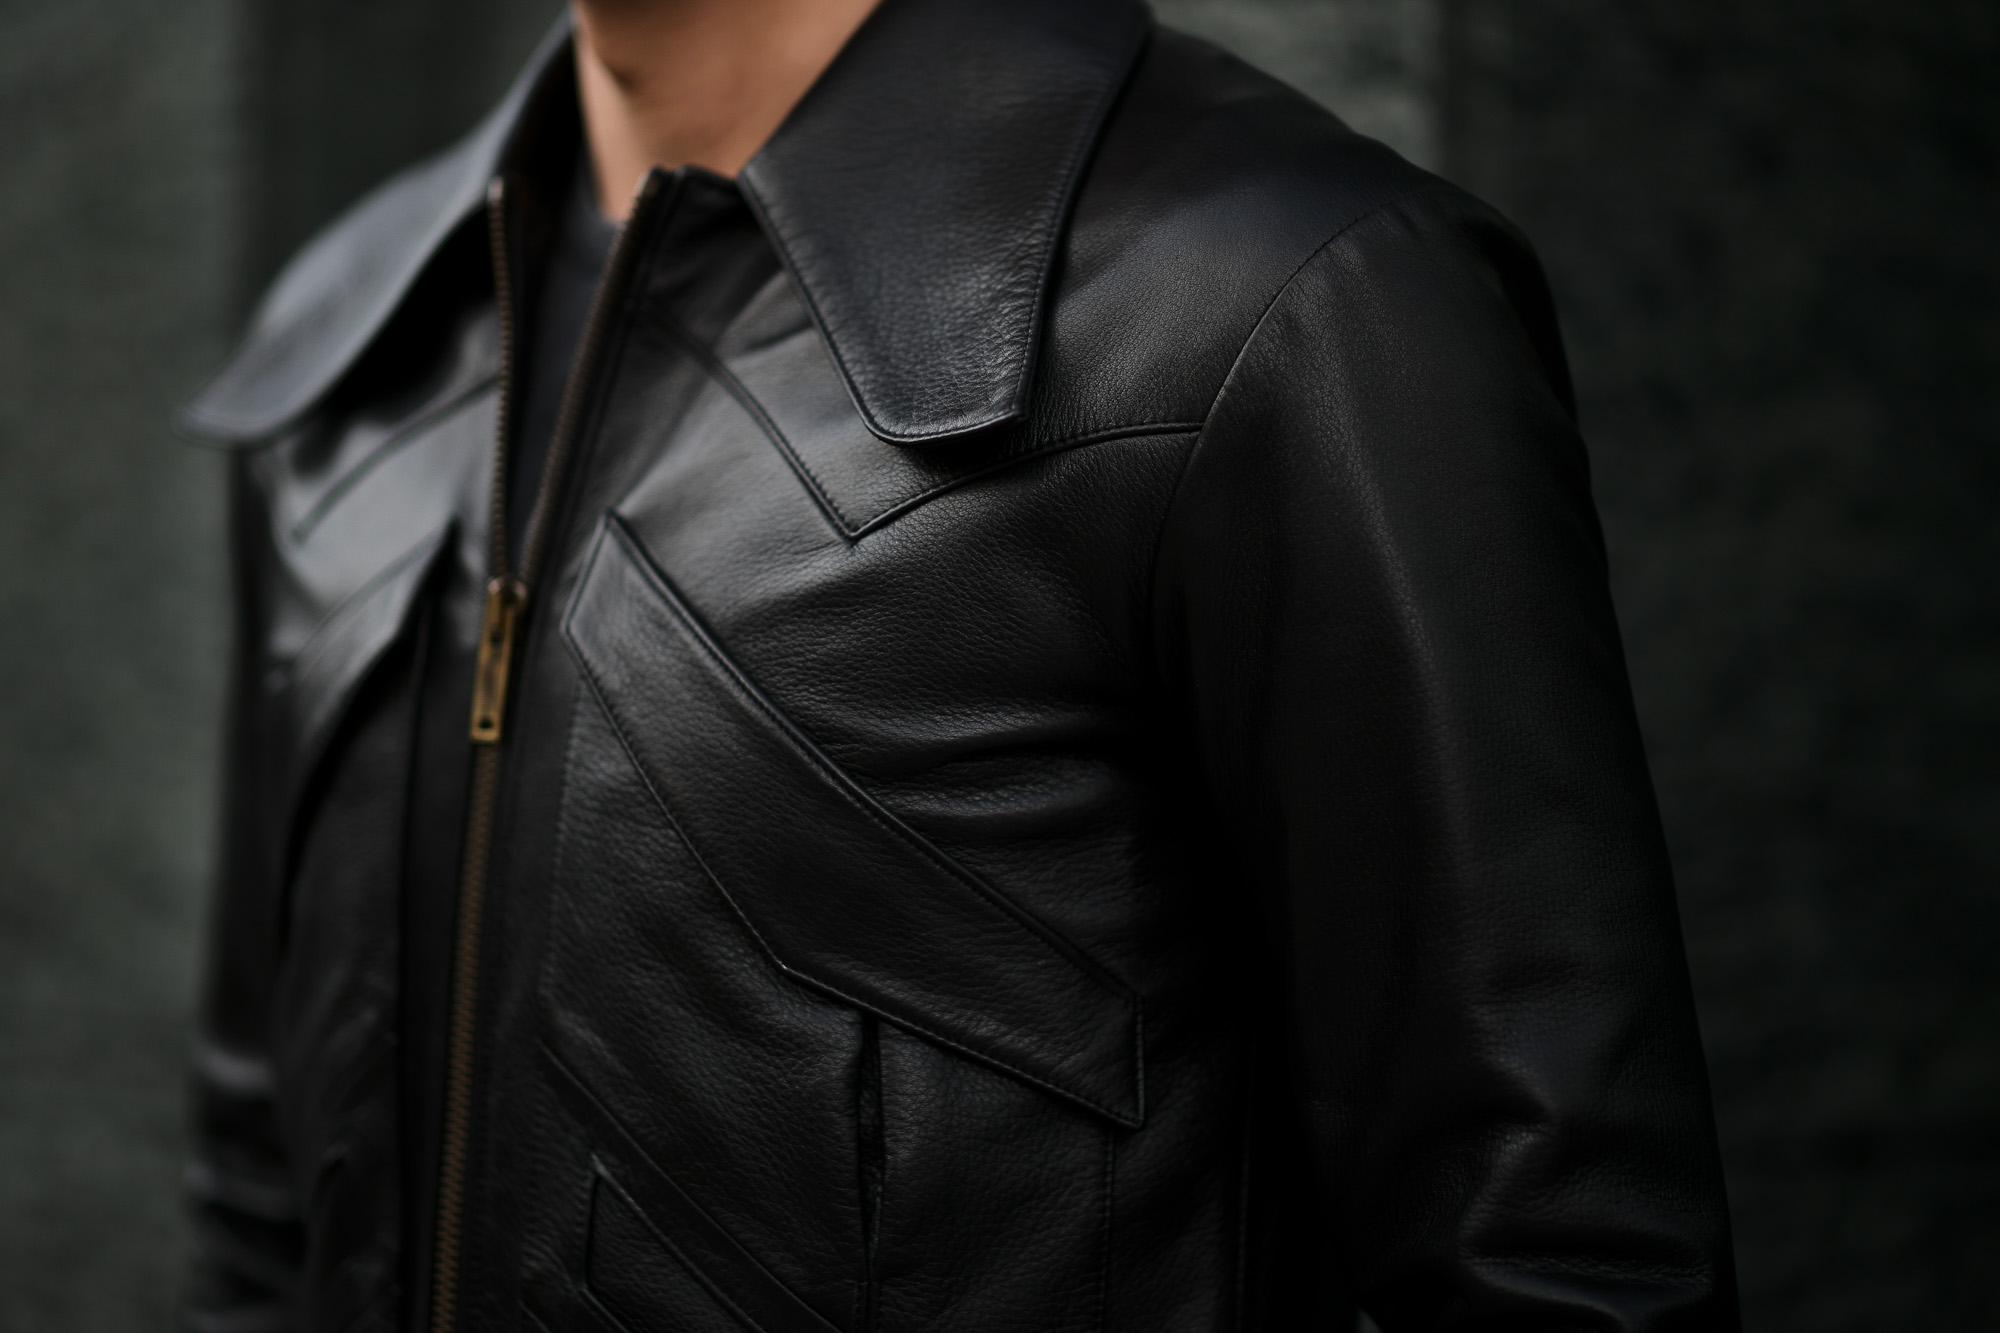 cuervo bopoha (クエルボ ヴァローナ) Satisfaction Leather Collection (サティスファクション レザー コレクション) East West (イーストウエスト) WINCHESTER (ウィンチェスター) BUFFALO LEATHER (バッファロー レザー) レザージャケット BLACK (ブラック) MADE IN JAPAN (日本製) 2020 春夏新作 愛知 名古屋 altoediritto アルトエデリット